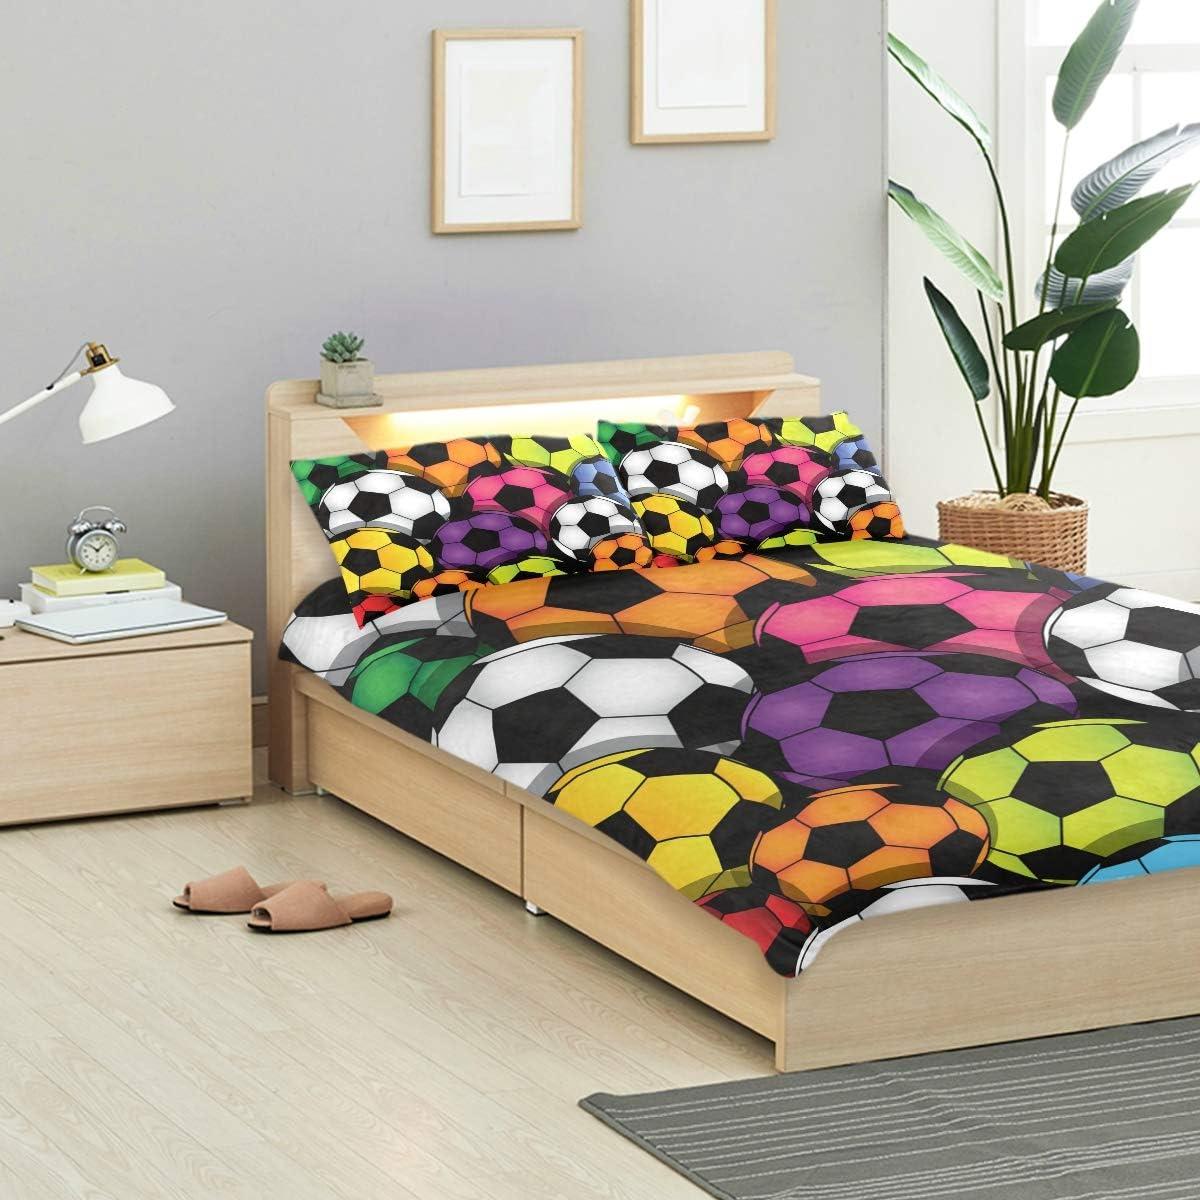 Bennifiry Parure de lit 3 pièces avec Housse de Couette et 2 taies d'oreiller en Coton lavé Gris, Multi#002, Taille Unique Multi#002